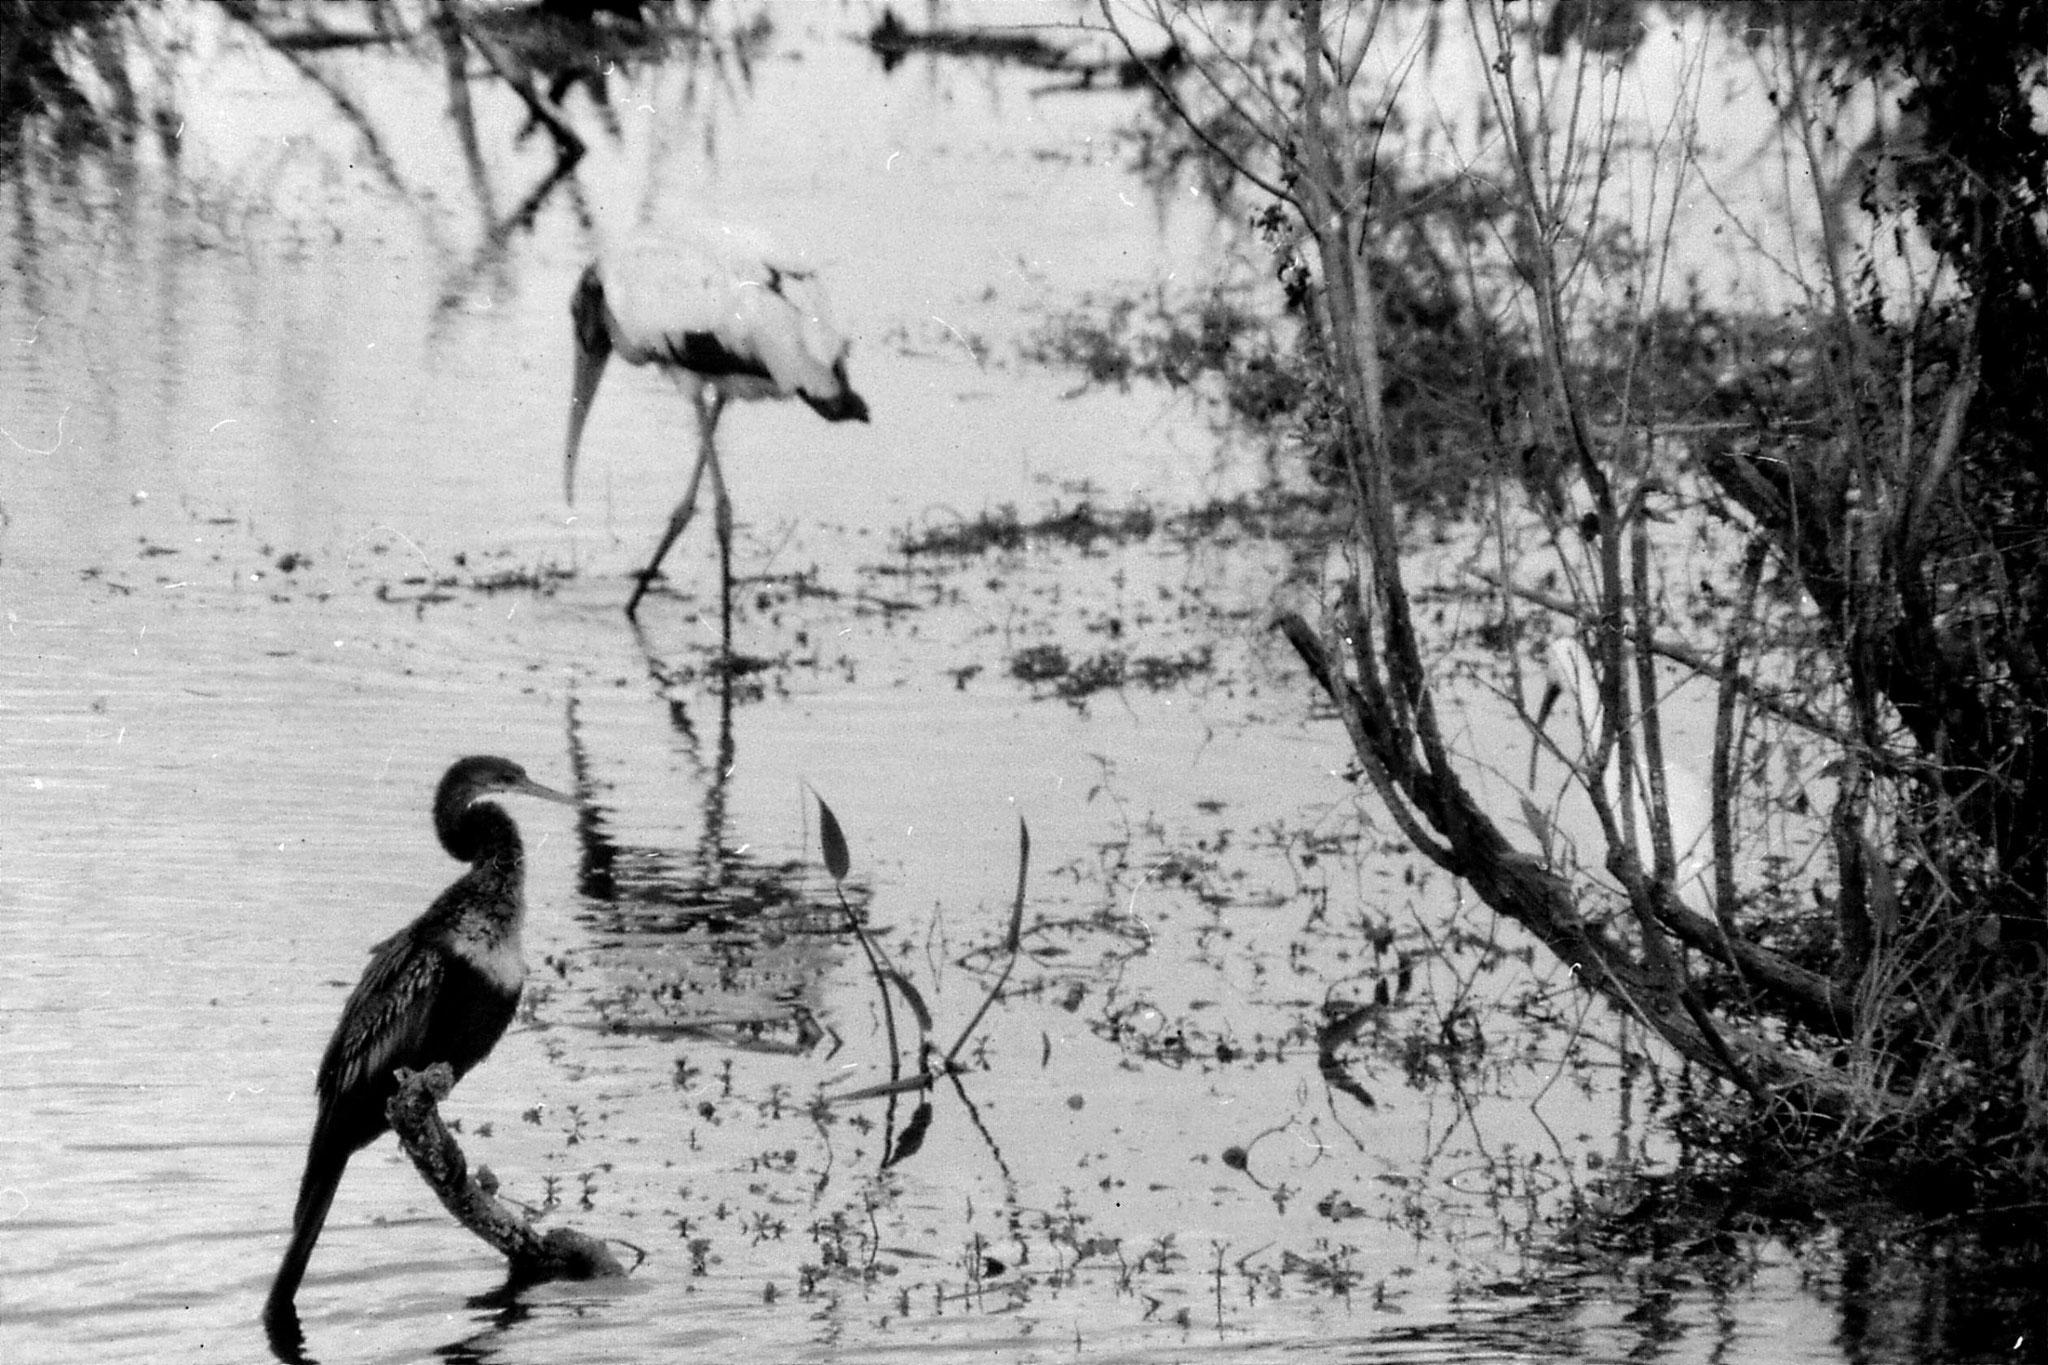 21/12/1990: 9: Everglades, anhinga